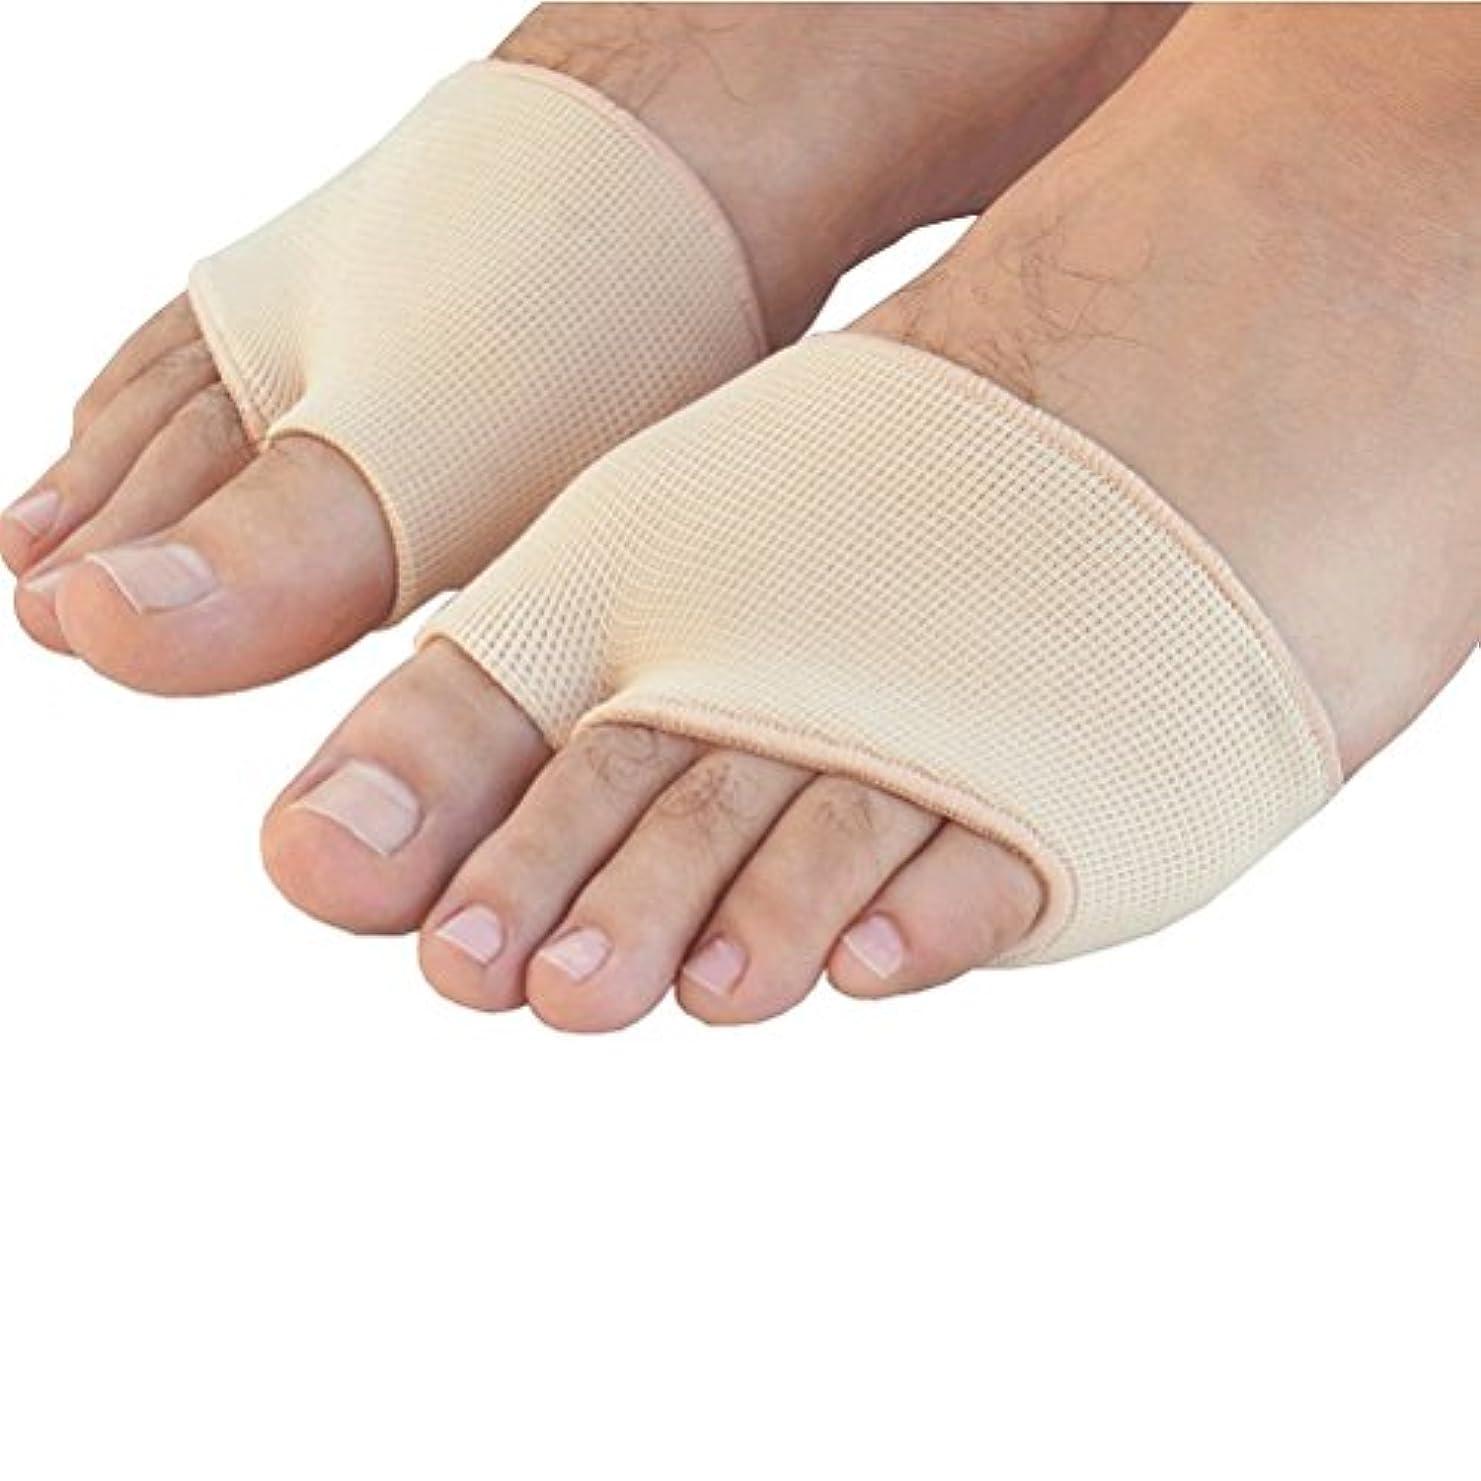 ボタン海里薬を飲むROSENICE ゲル前足中足骨の痛み救済吸収クッション パッド 足底筋膜炎インソール 衝撃吸収 サイズS(肌の色)